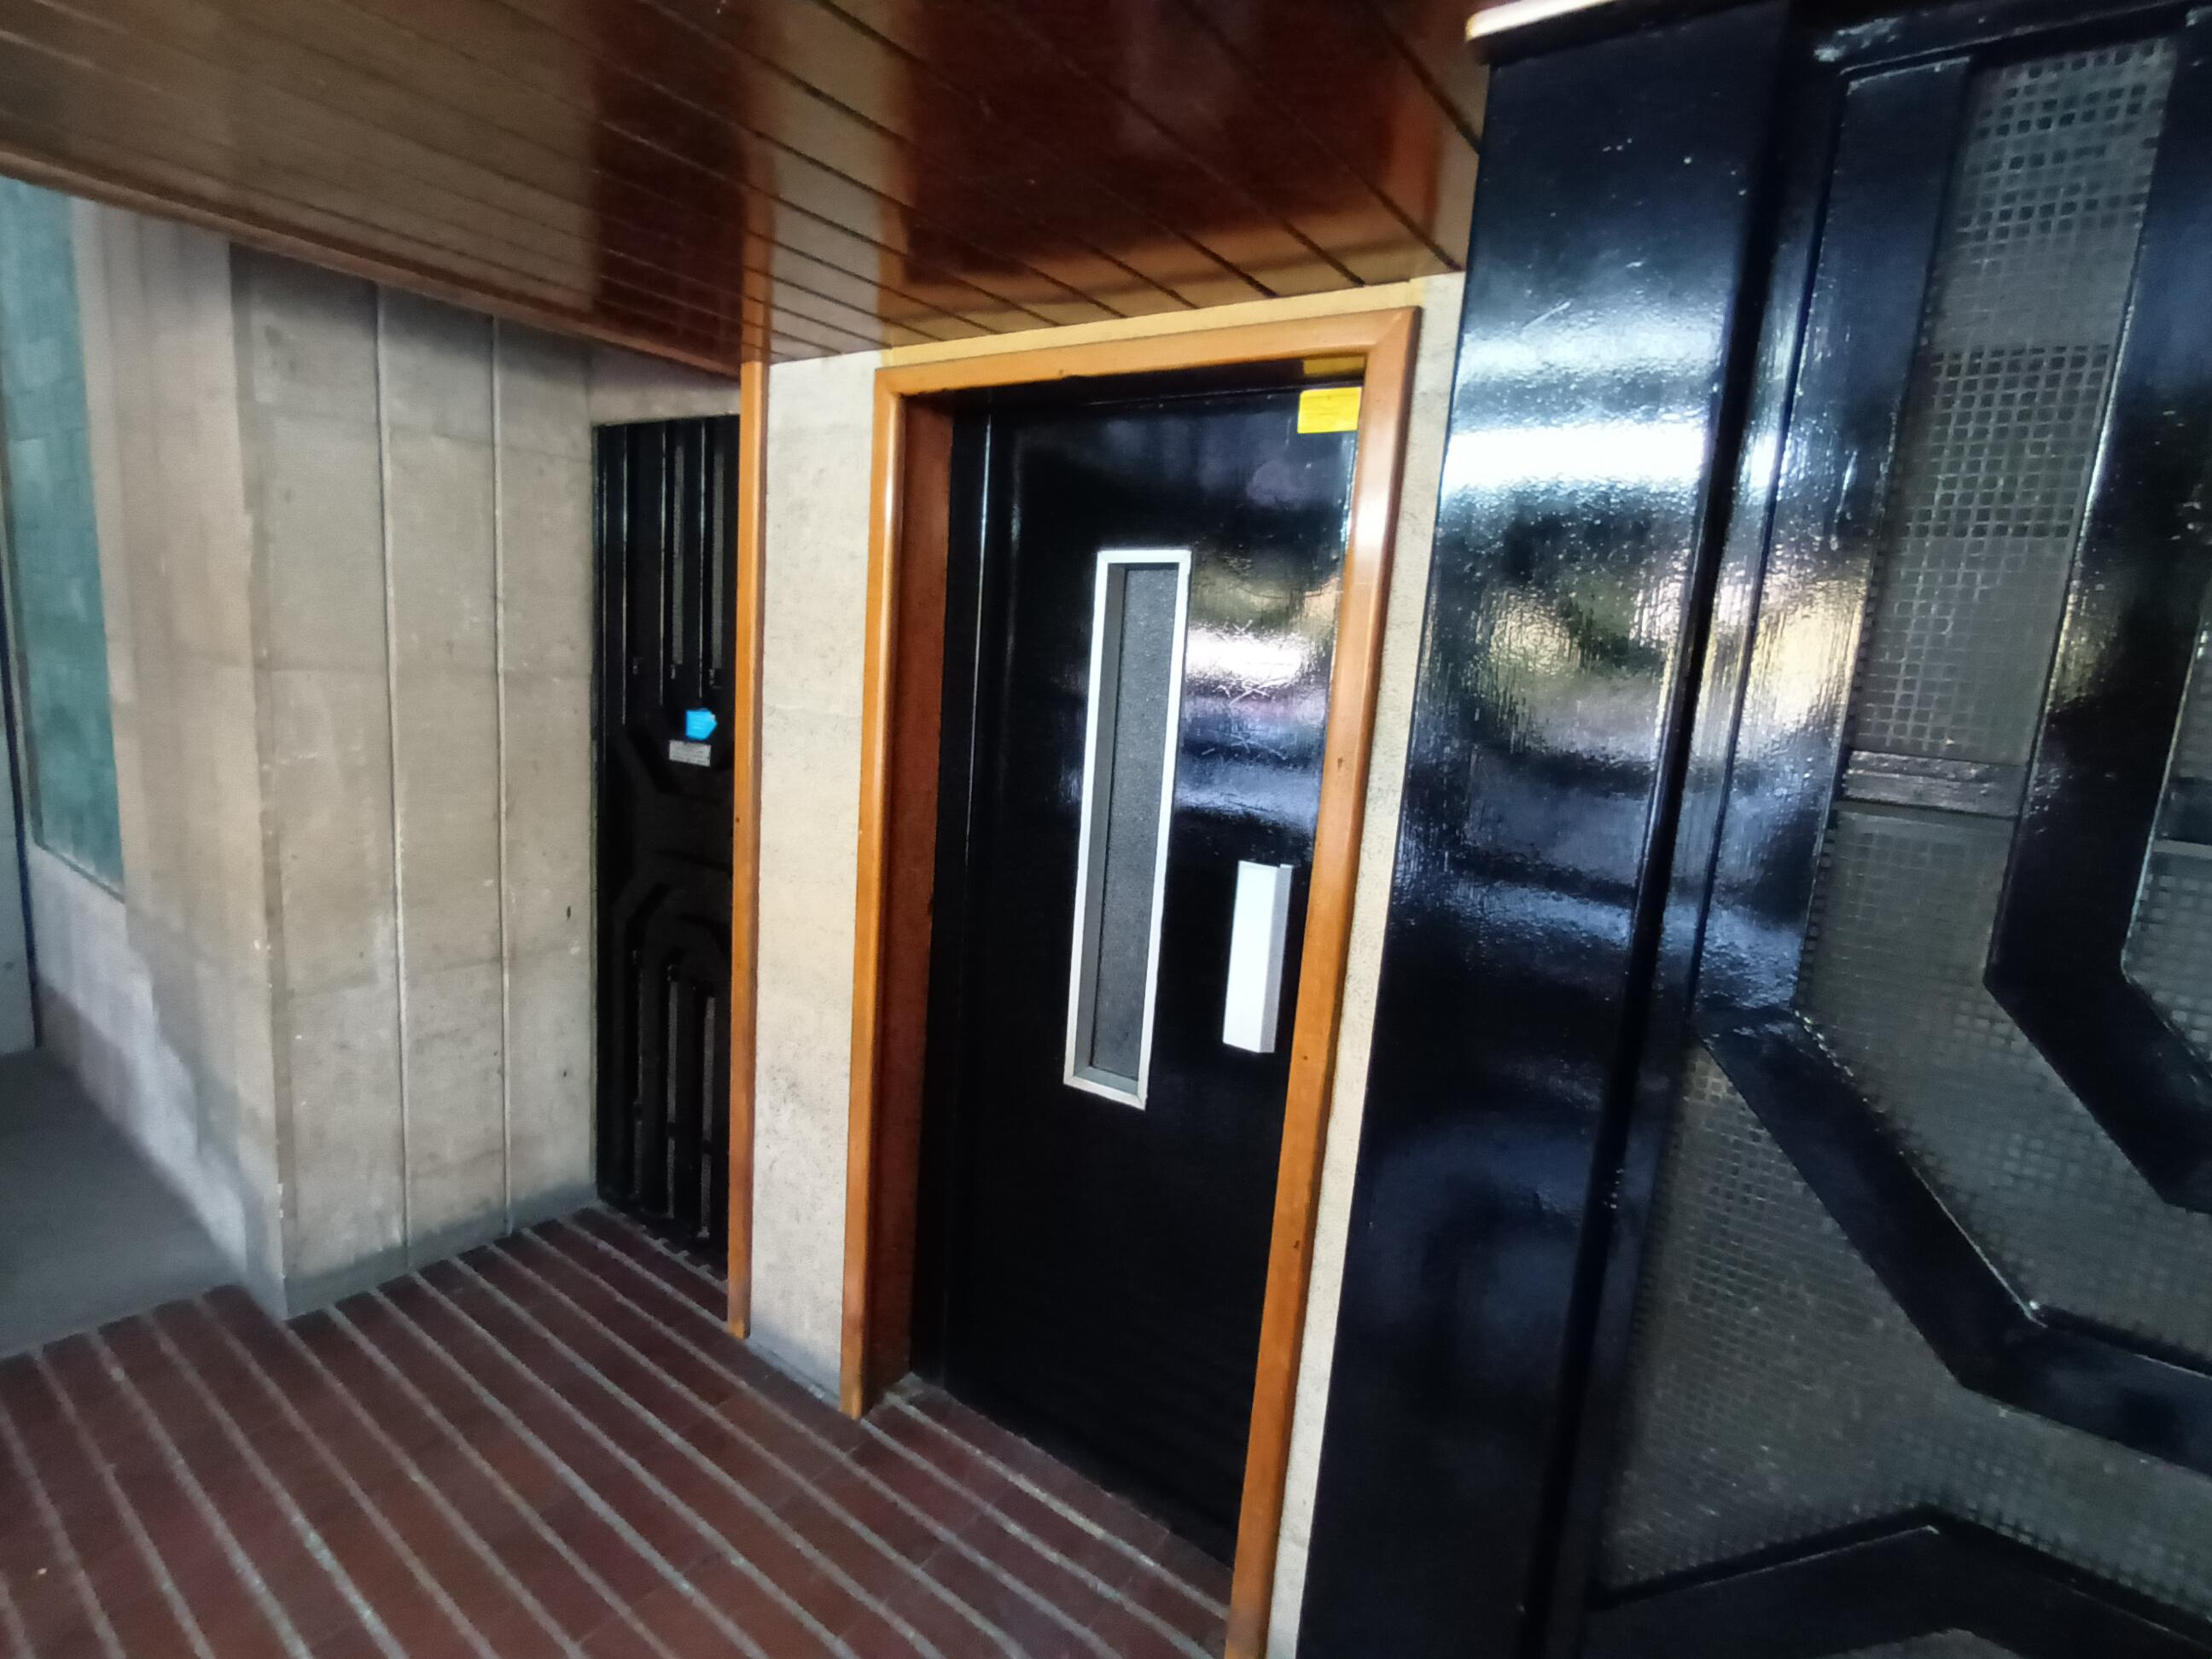 Imagen 3 Parking Coche en alquiler en Donostia-San Sebastián / Paseo de los Fueros, centro